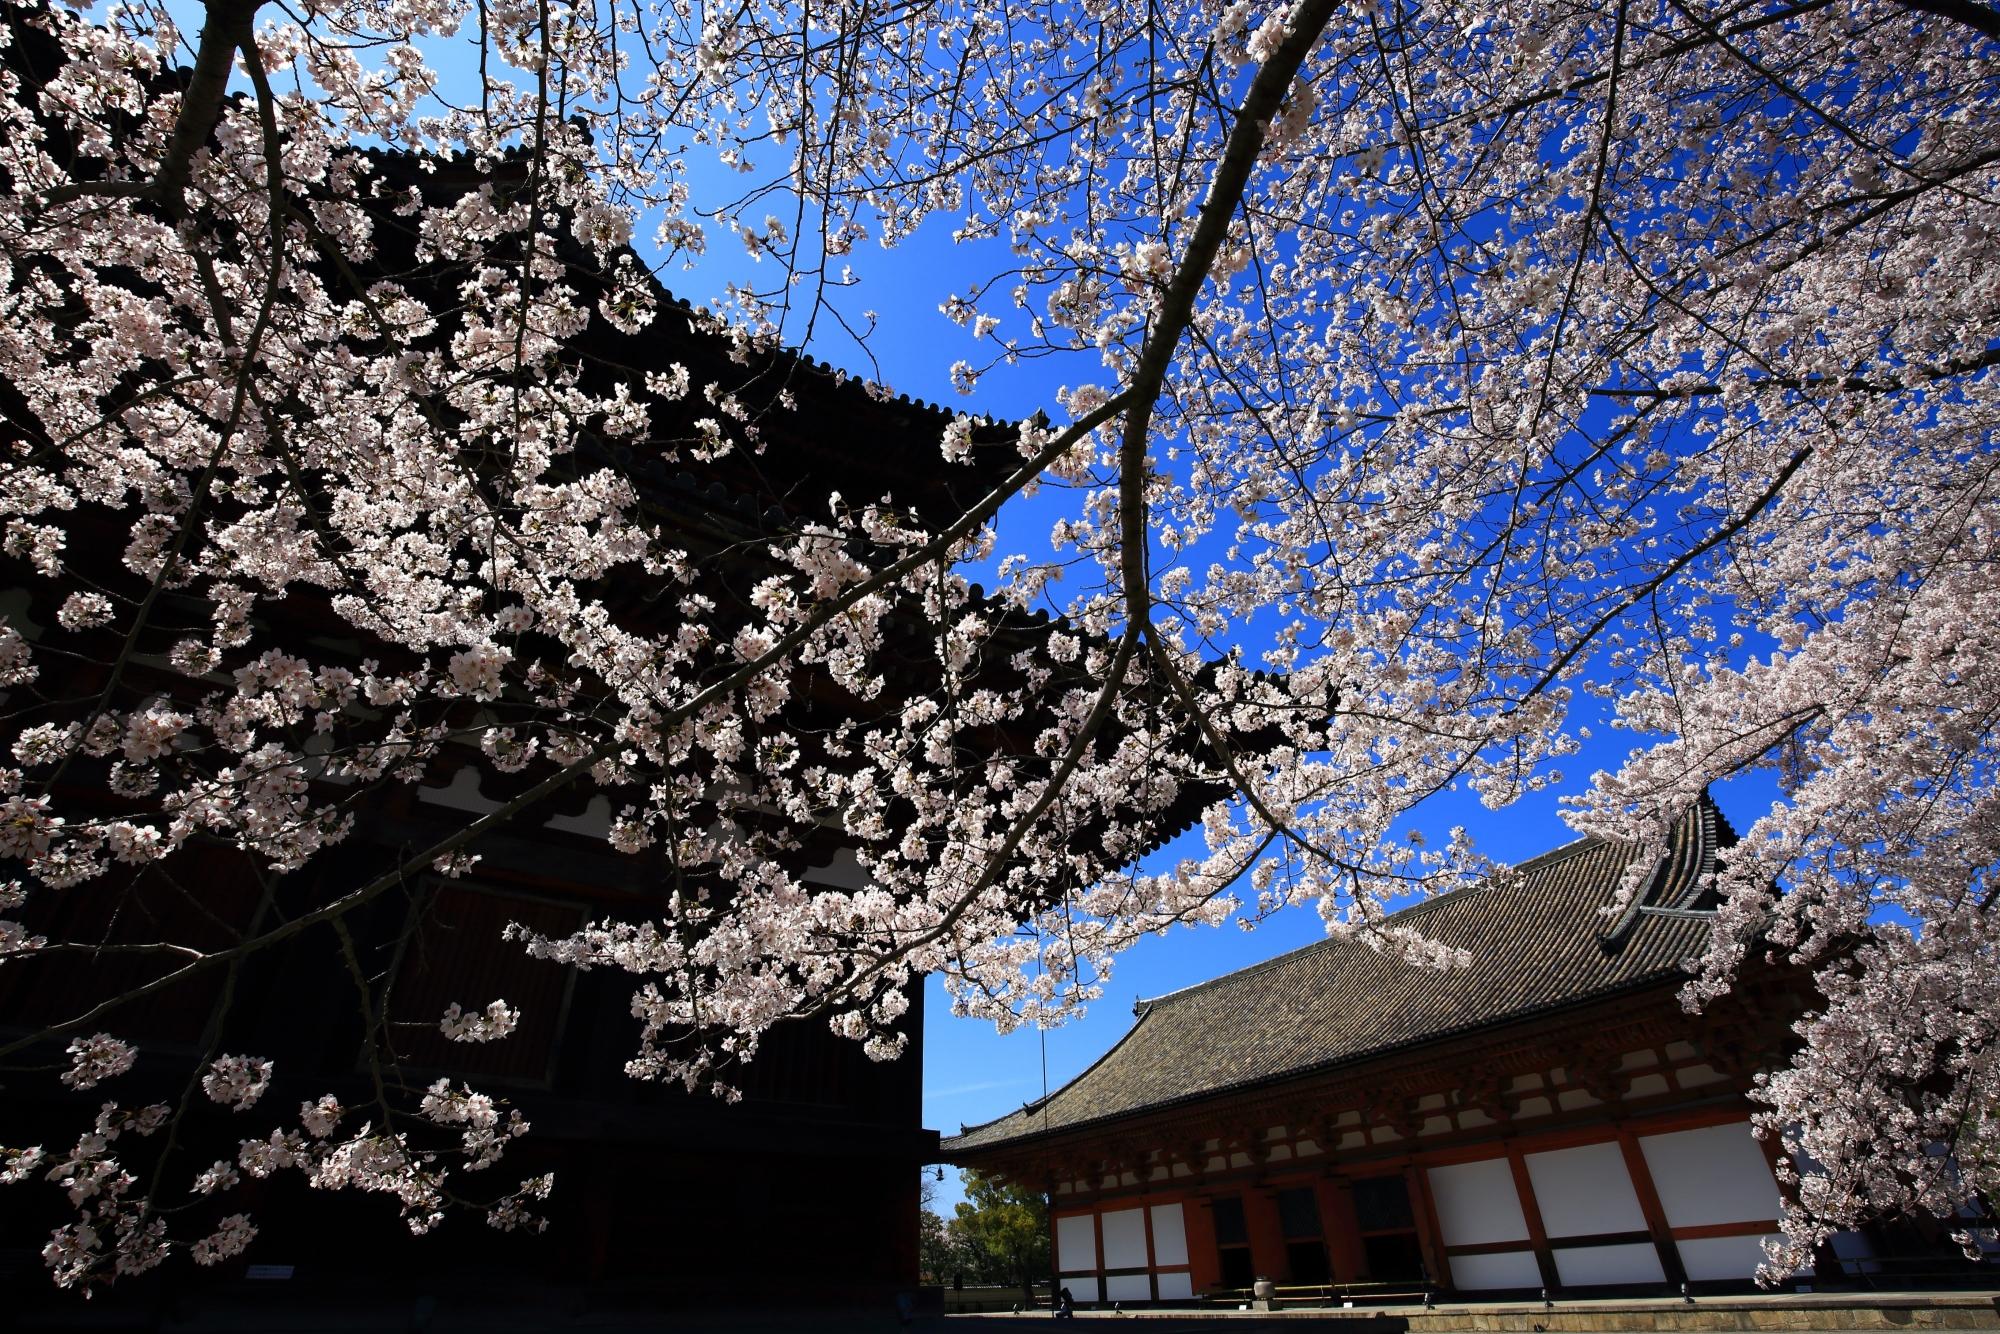 東寺の講堂と青空を染める見事な桜